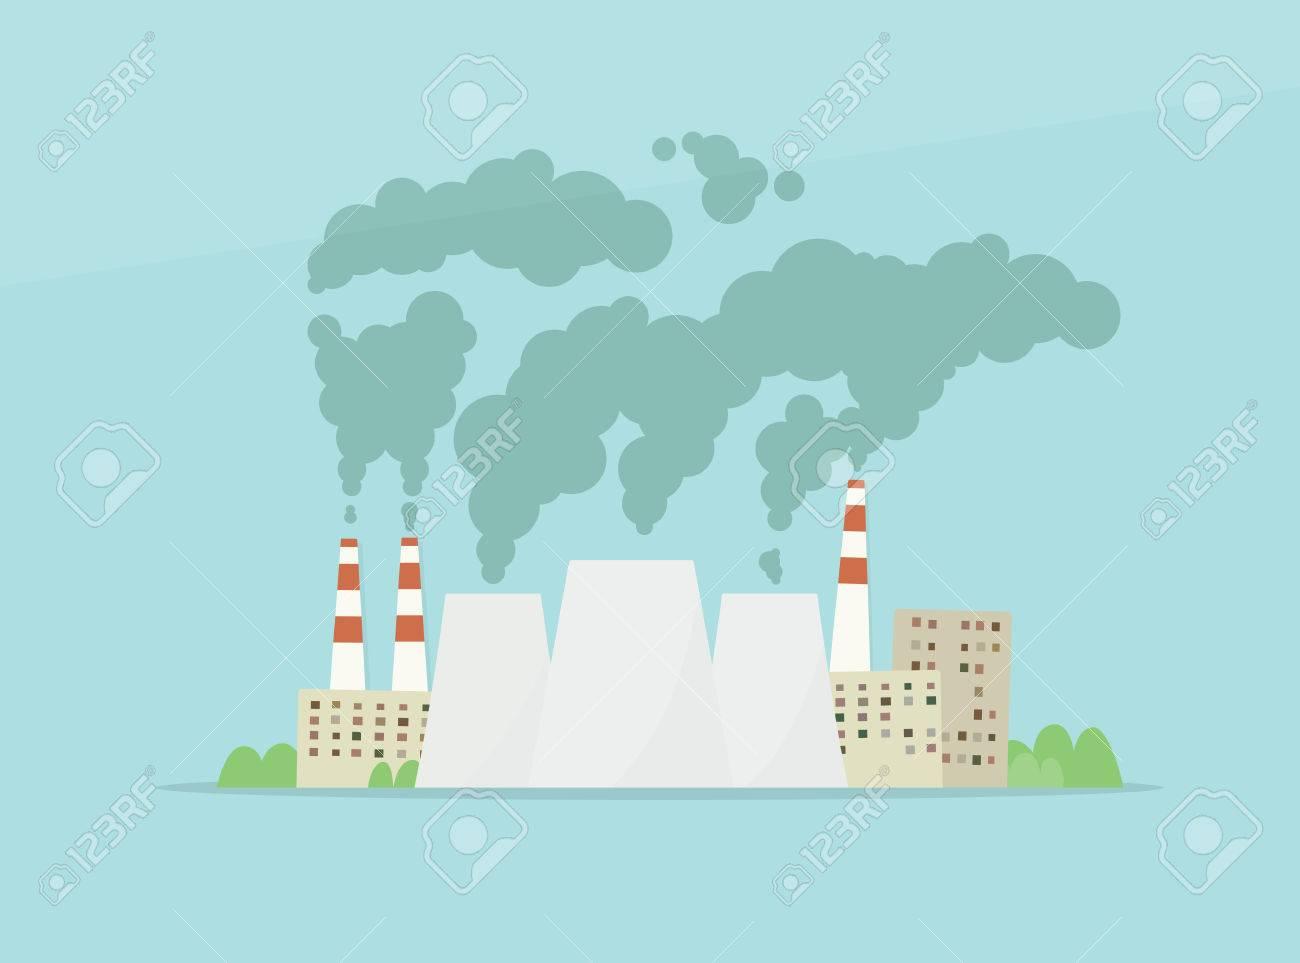 De Dibujos Animados Vector De Fábrica La Contaminación Del Aire